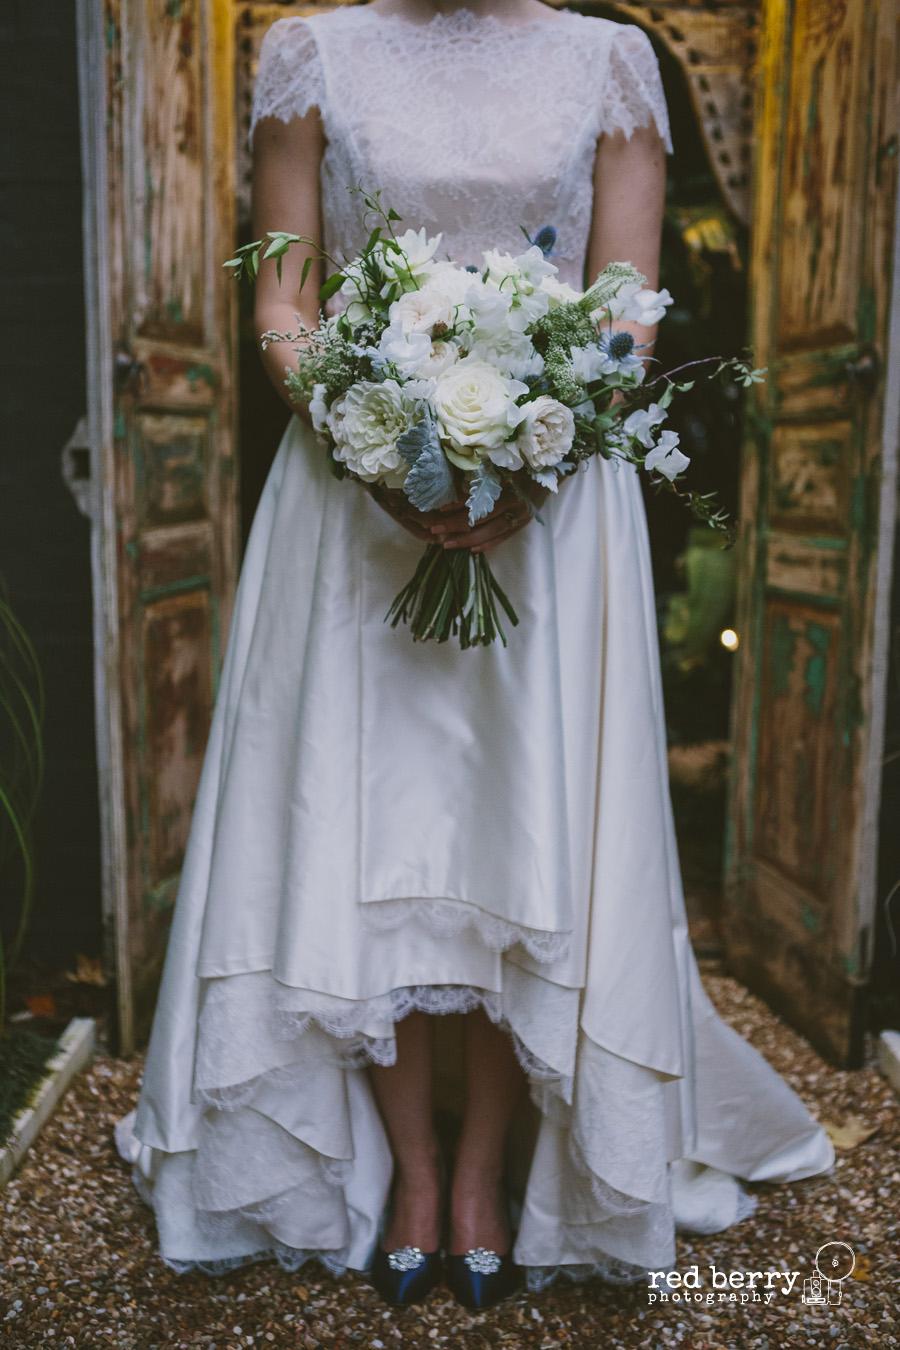 Dressmaker-Kathy Harris